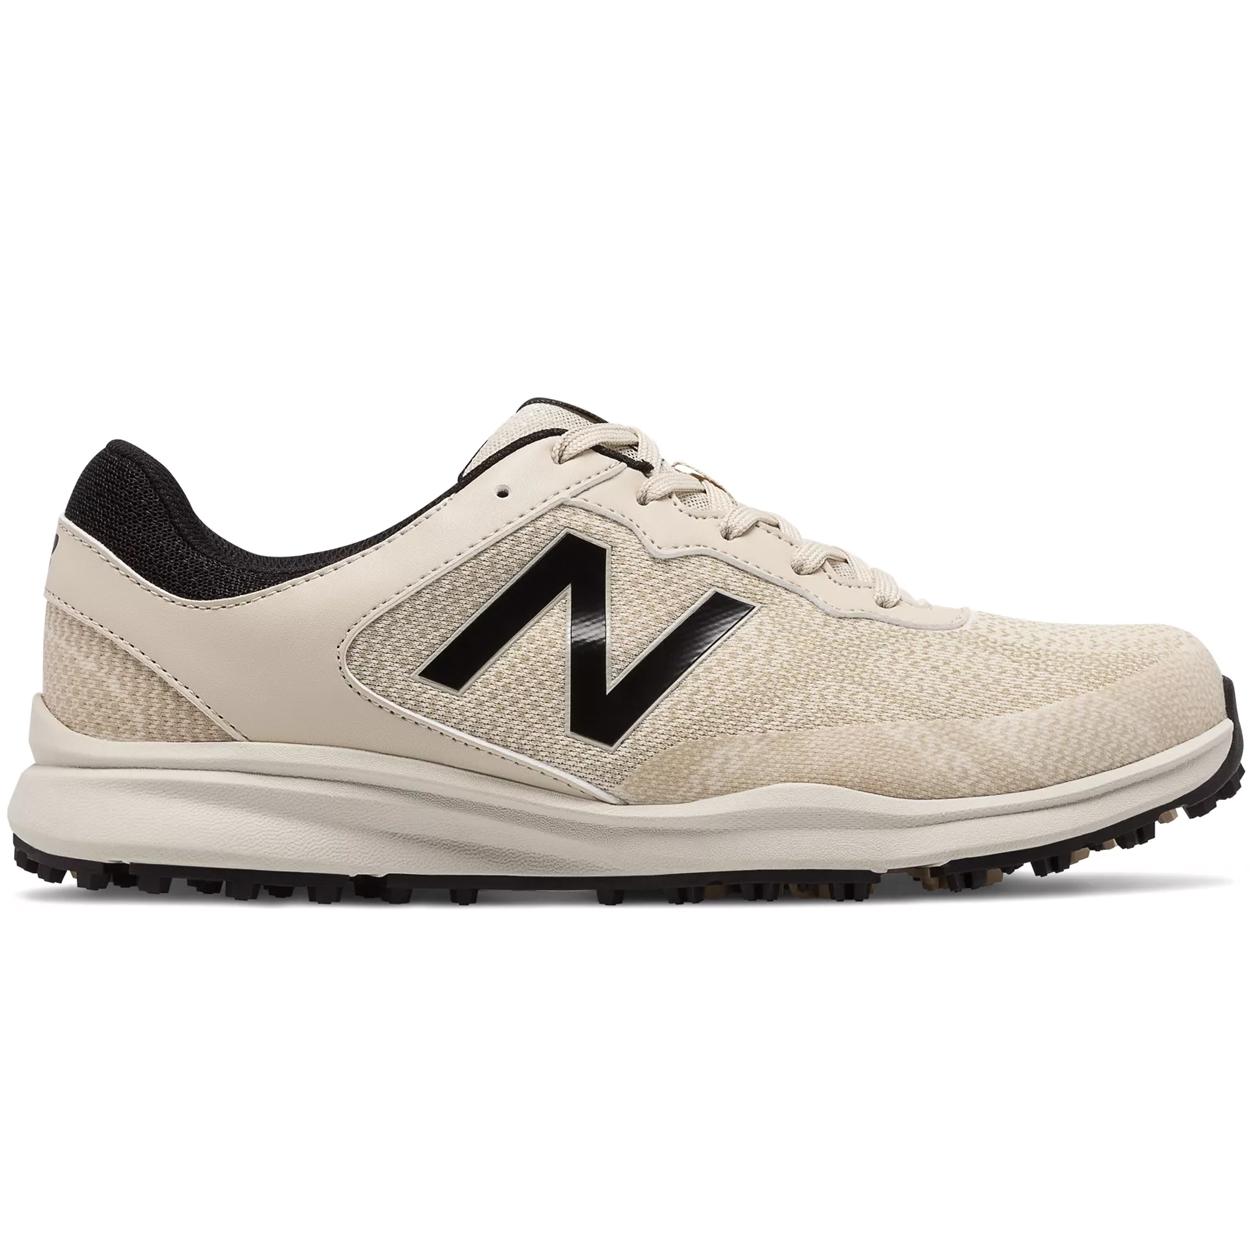 New-Balance-Breeze-NBG1801SL-Men-039-s-Spikeless-Mesh-Golf-Shoe-New thumbnail 8